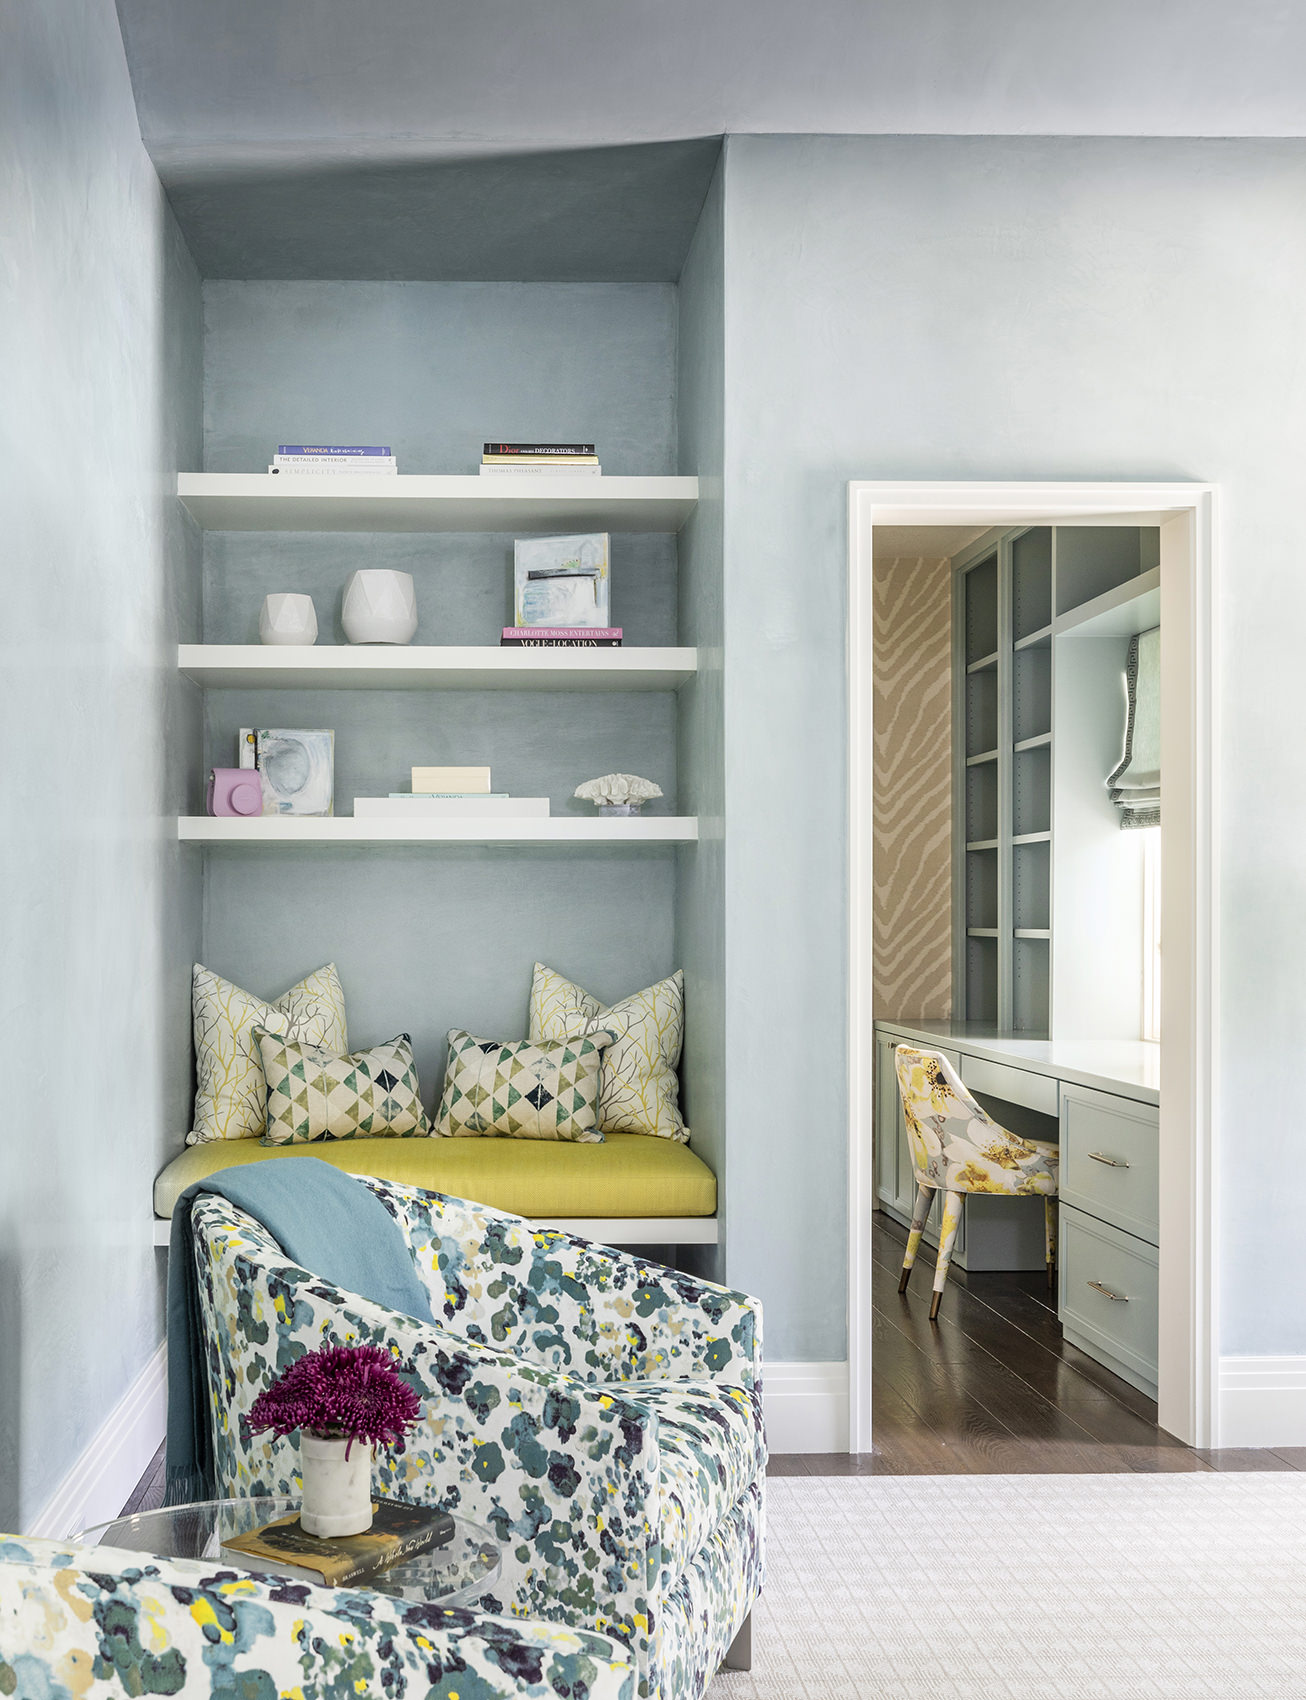 custom kids bedroom with view of nook